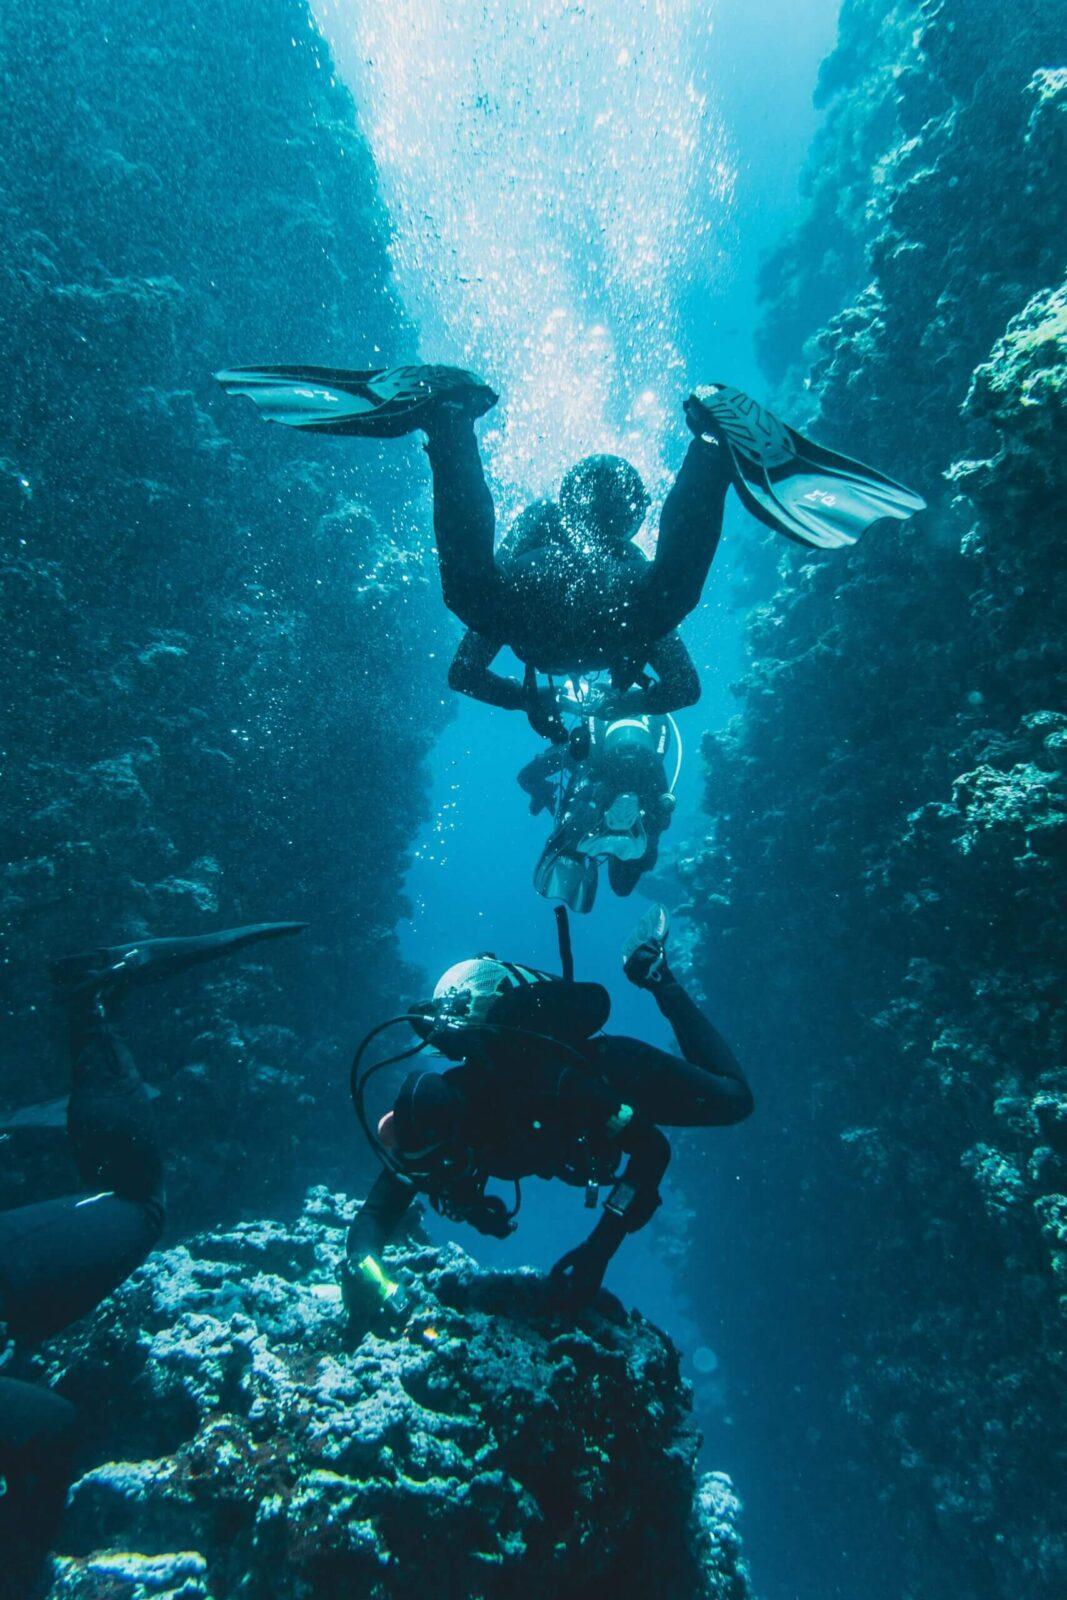 Между подводными скалами